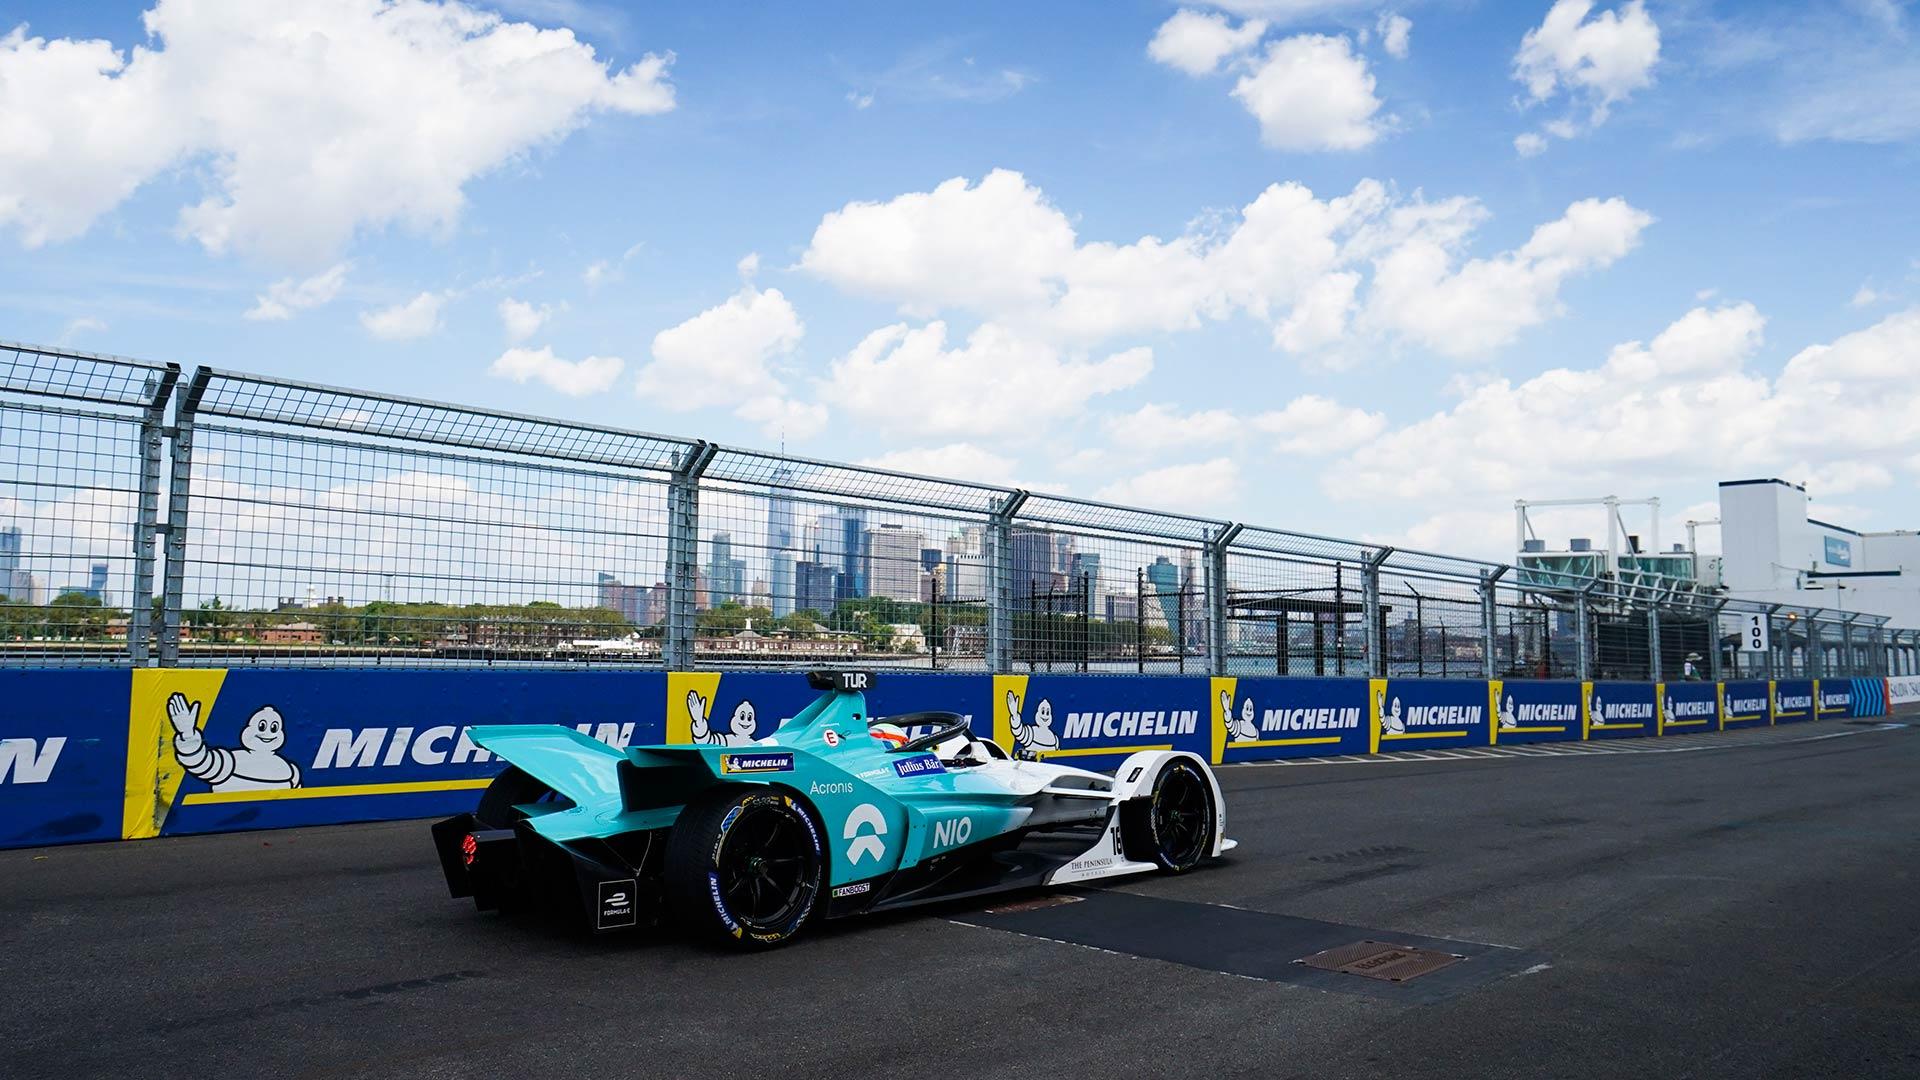 2019-20 Formula E Season Guide